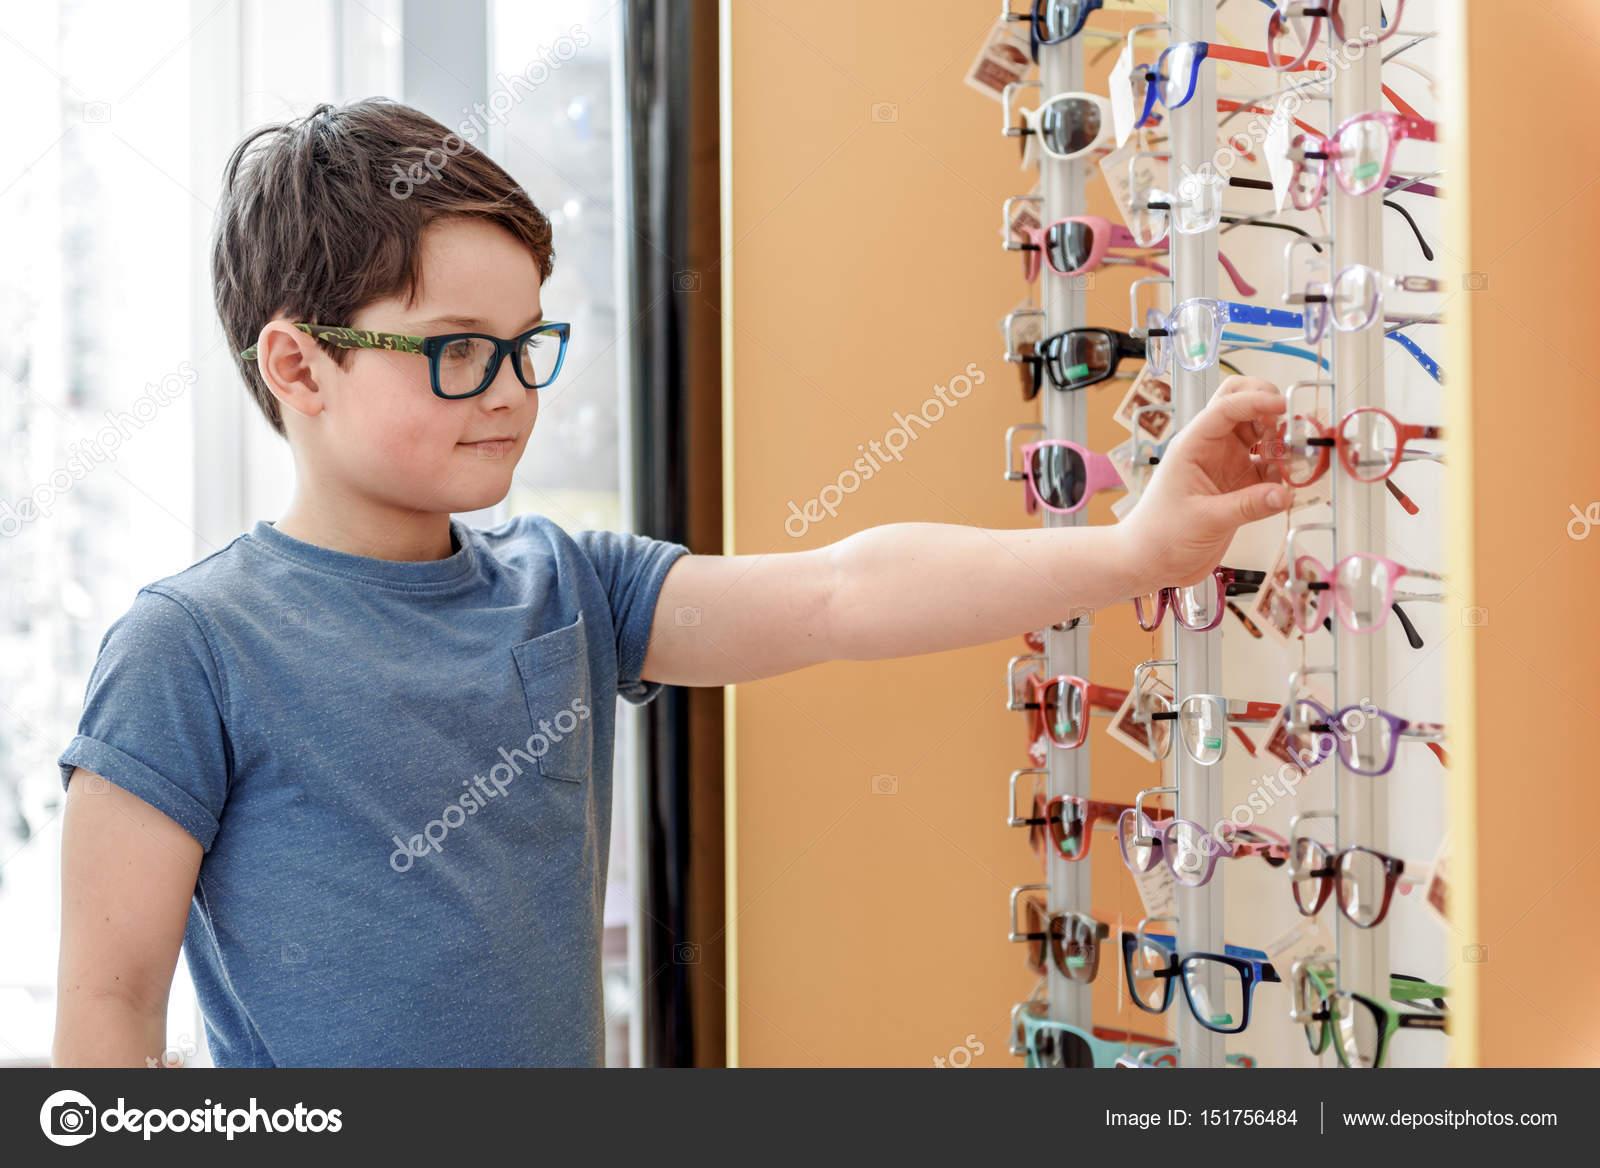 0b69fd534f Infantil masculino interesado en tienda óptica — Foto de stock ...